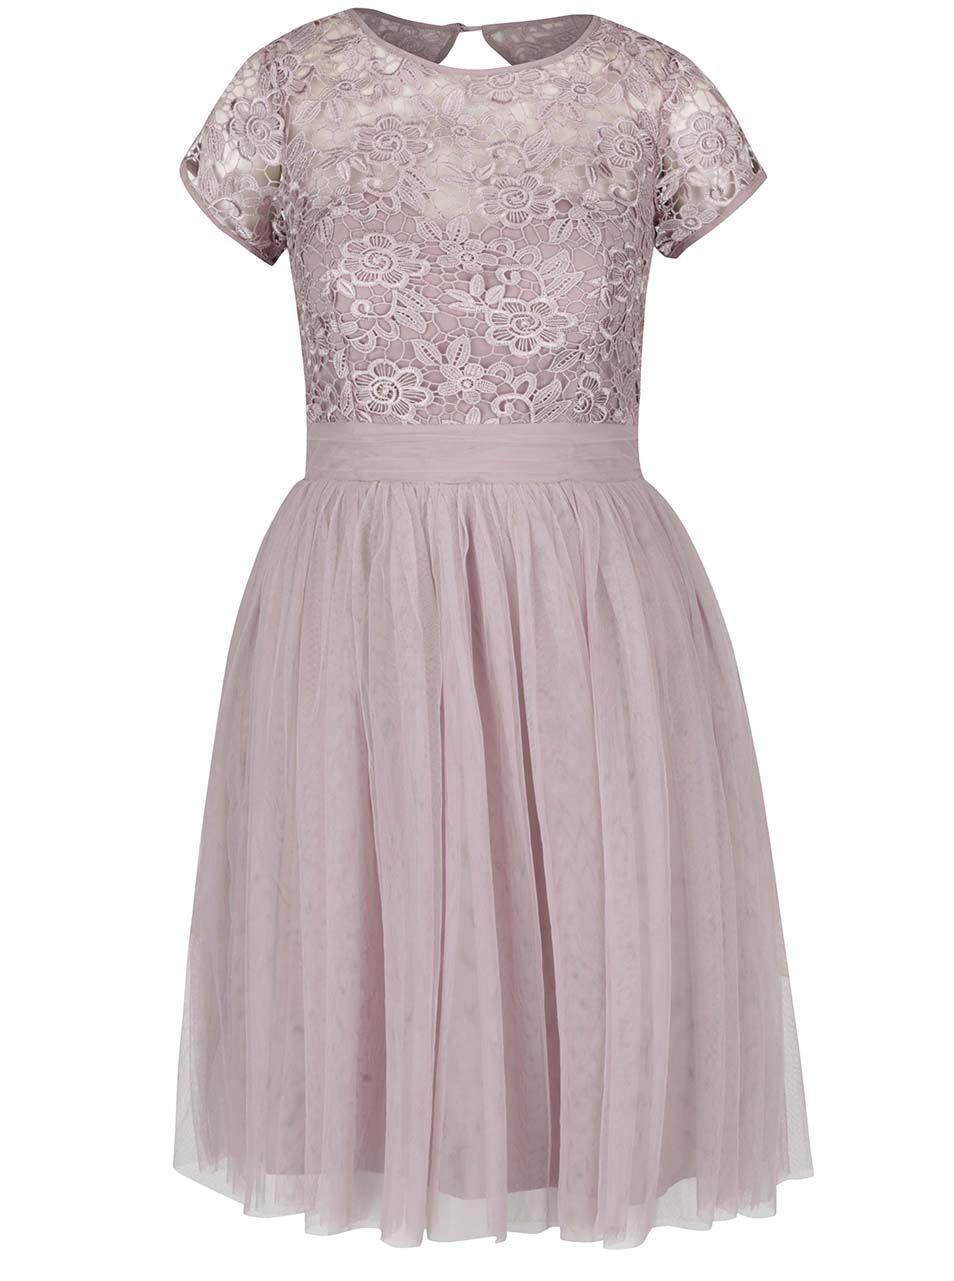 54894c1e5b81 Staroružové šaty s čipkovaným topom Little Mistress